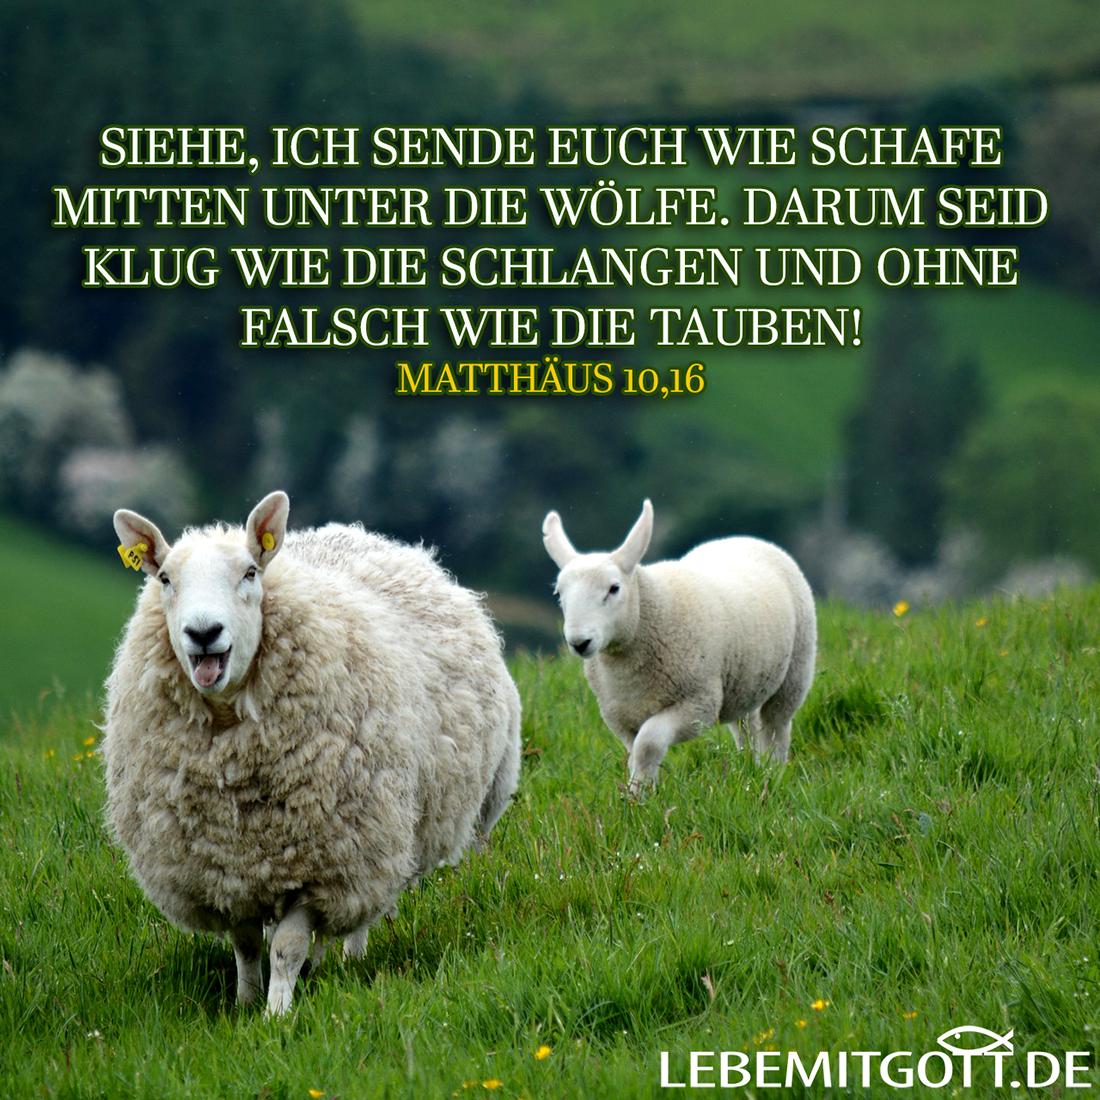 Schafe und Tauben